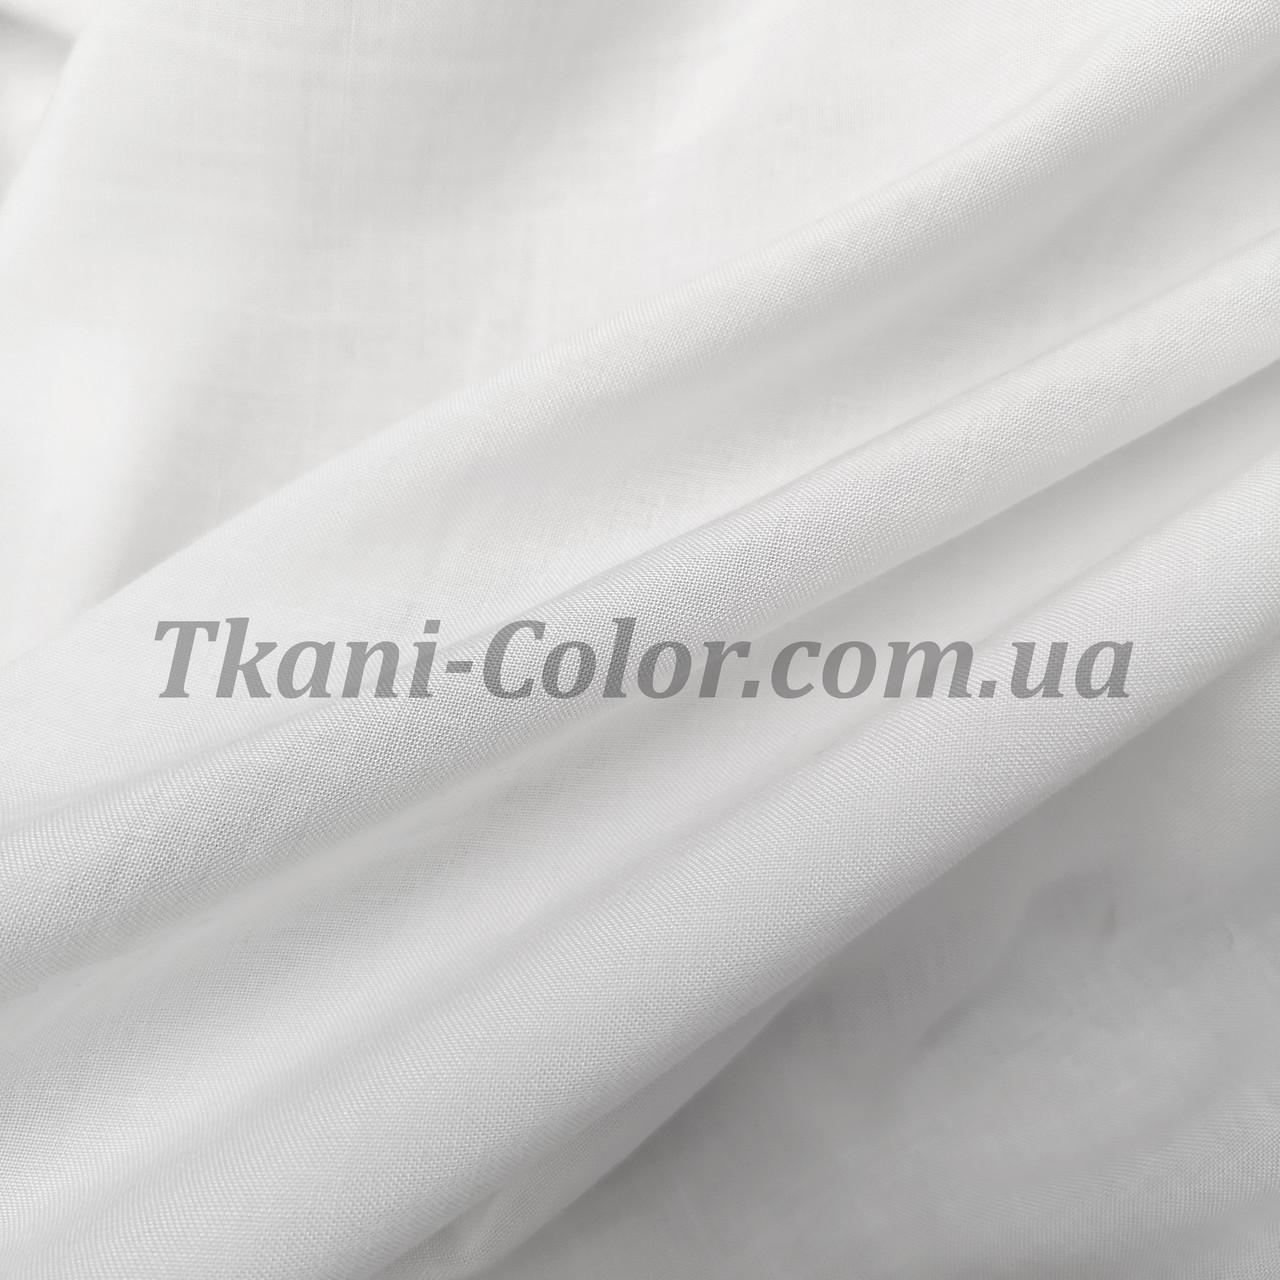 Тканина штапель білий